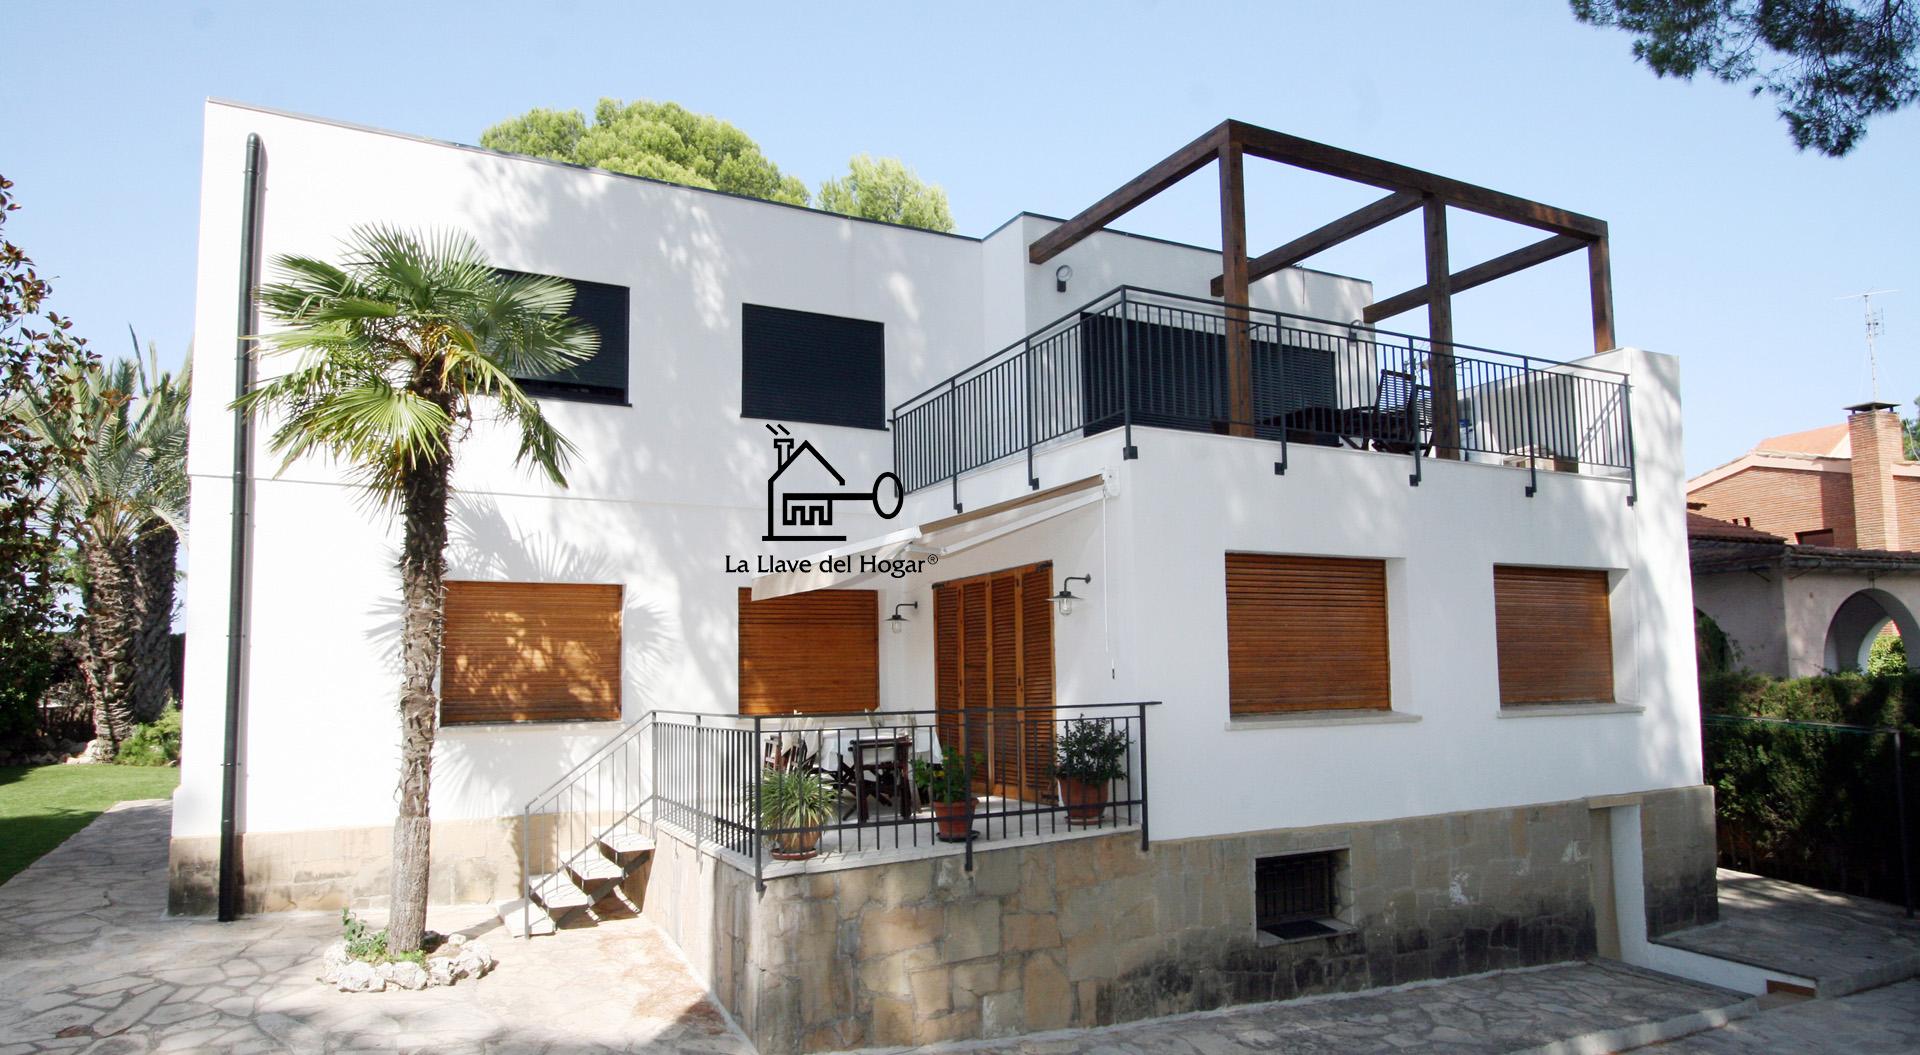 Barcelona 120 m casas de madera la llave del hogar - Casas prefabricadas barcelona ...